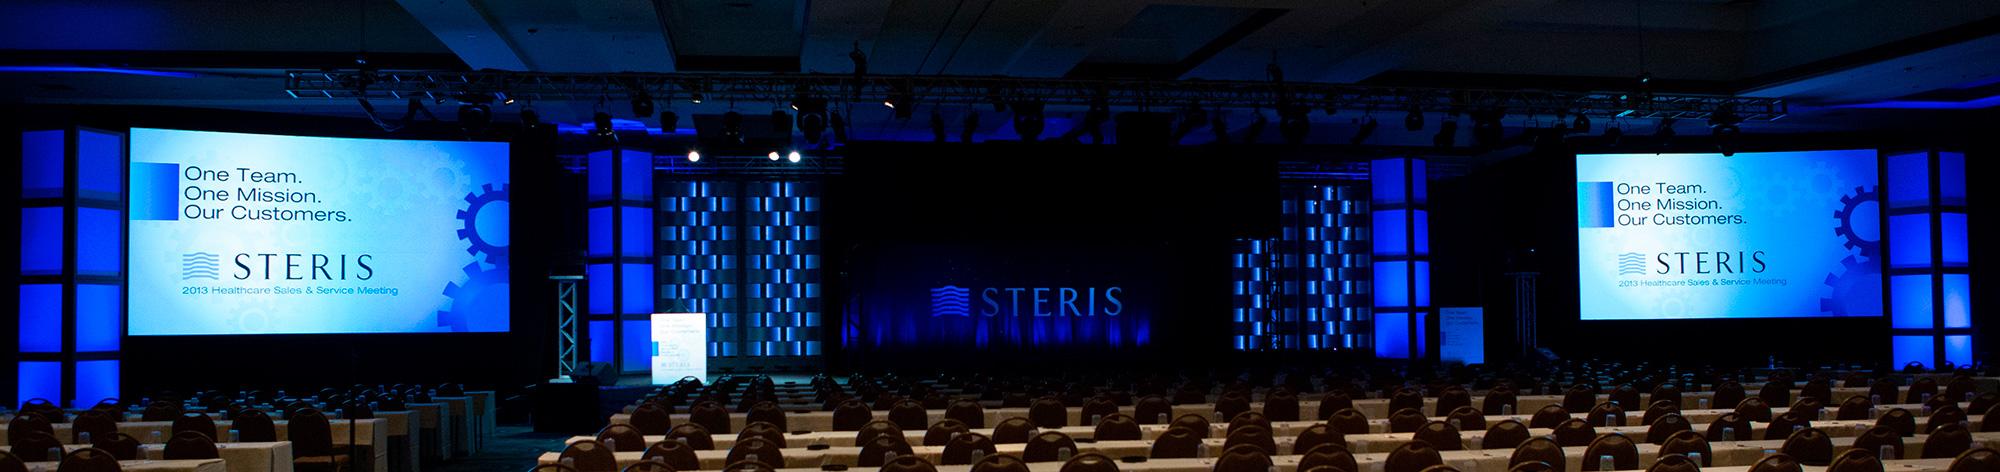 steris_national_sales_meeting_wide.jpg